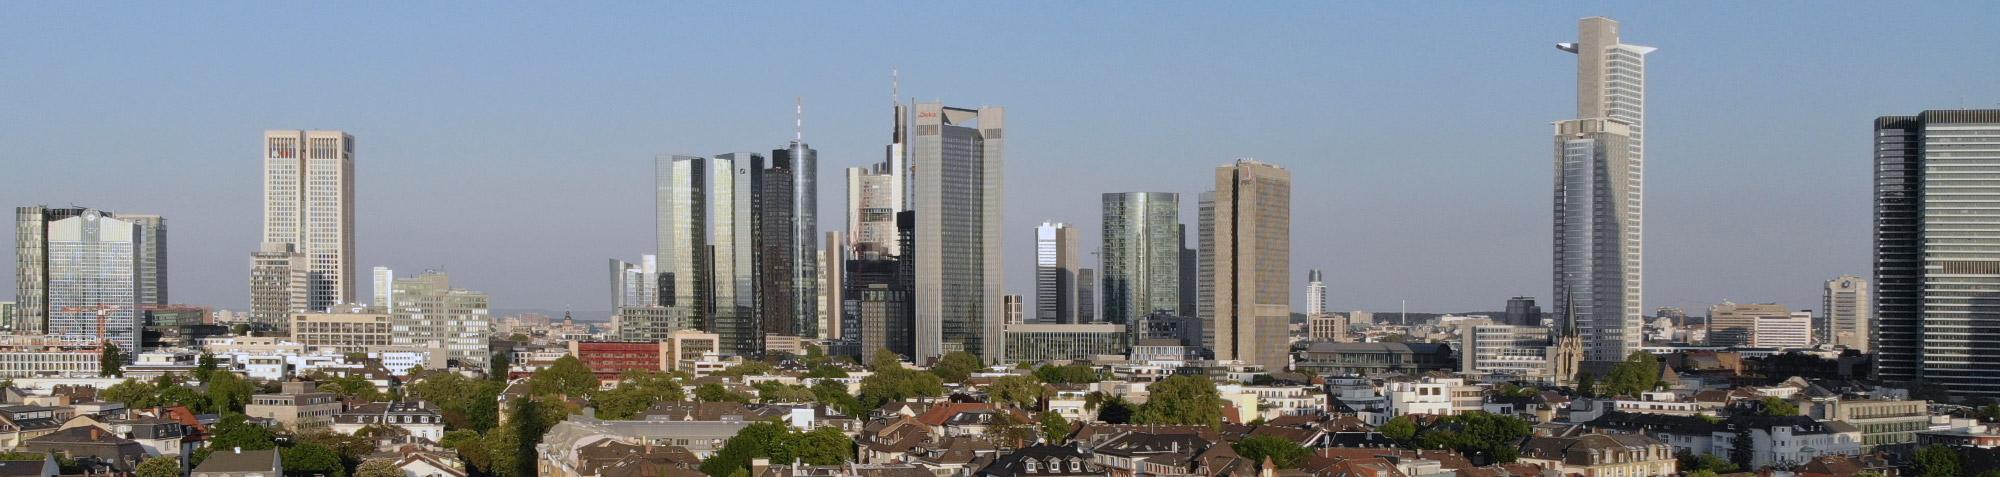 Wo erhalte ich News rund um den Immobilienmarkt Frankfurt?